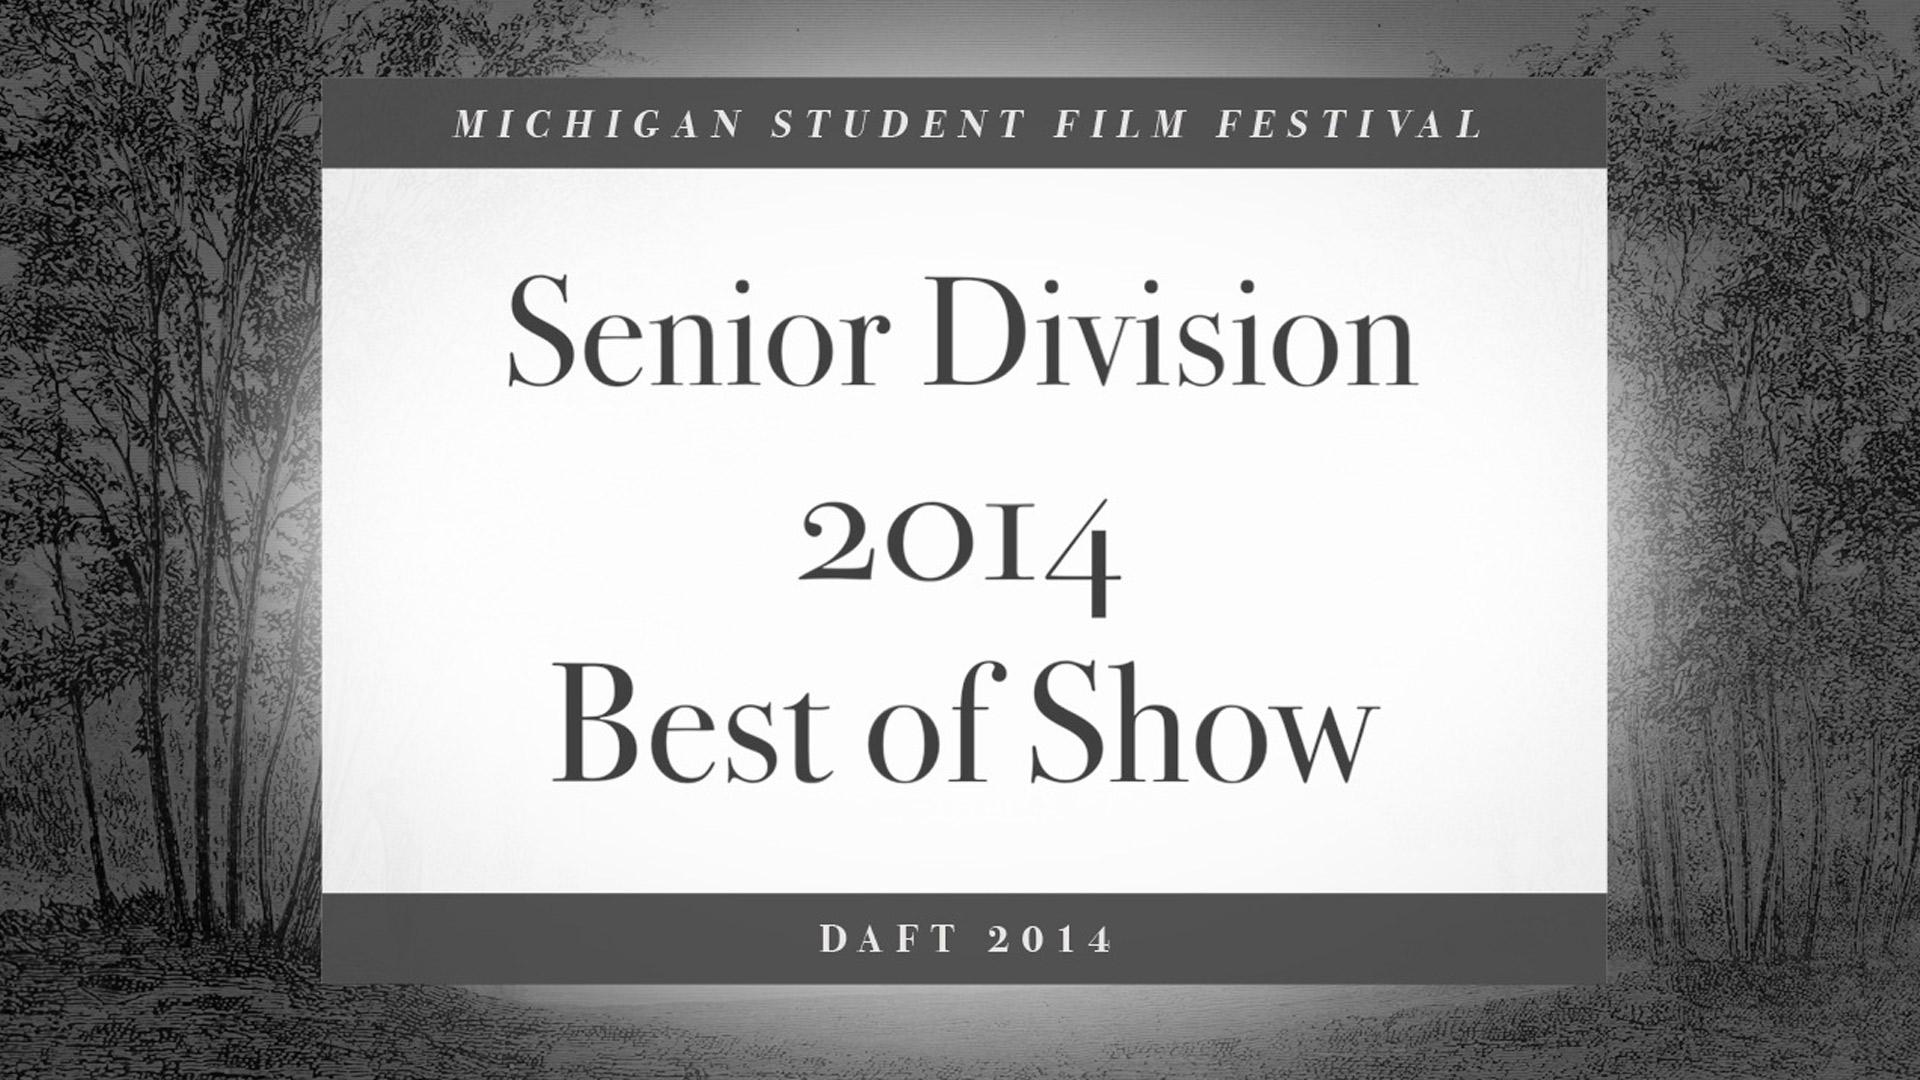 DAFT Festival 2014